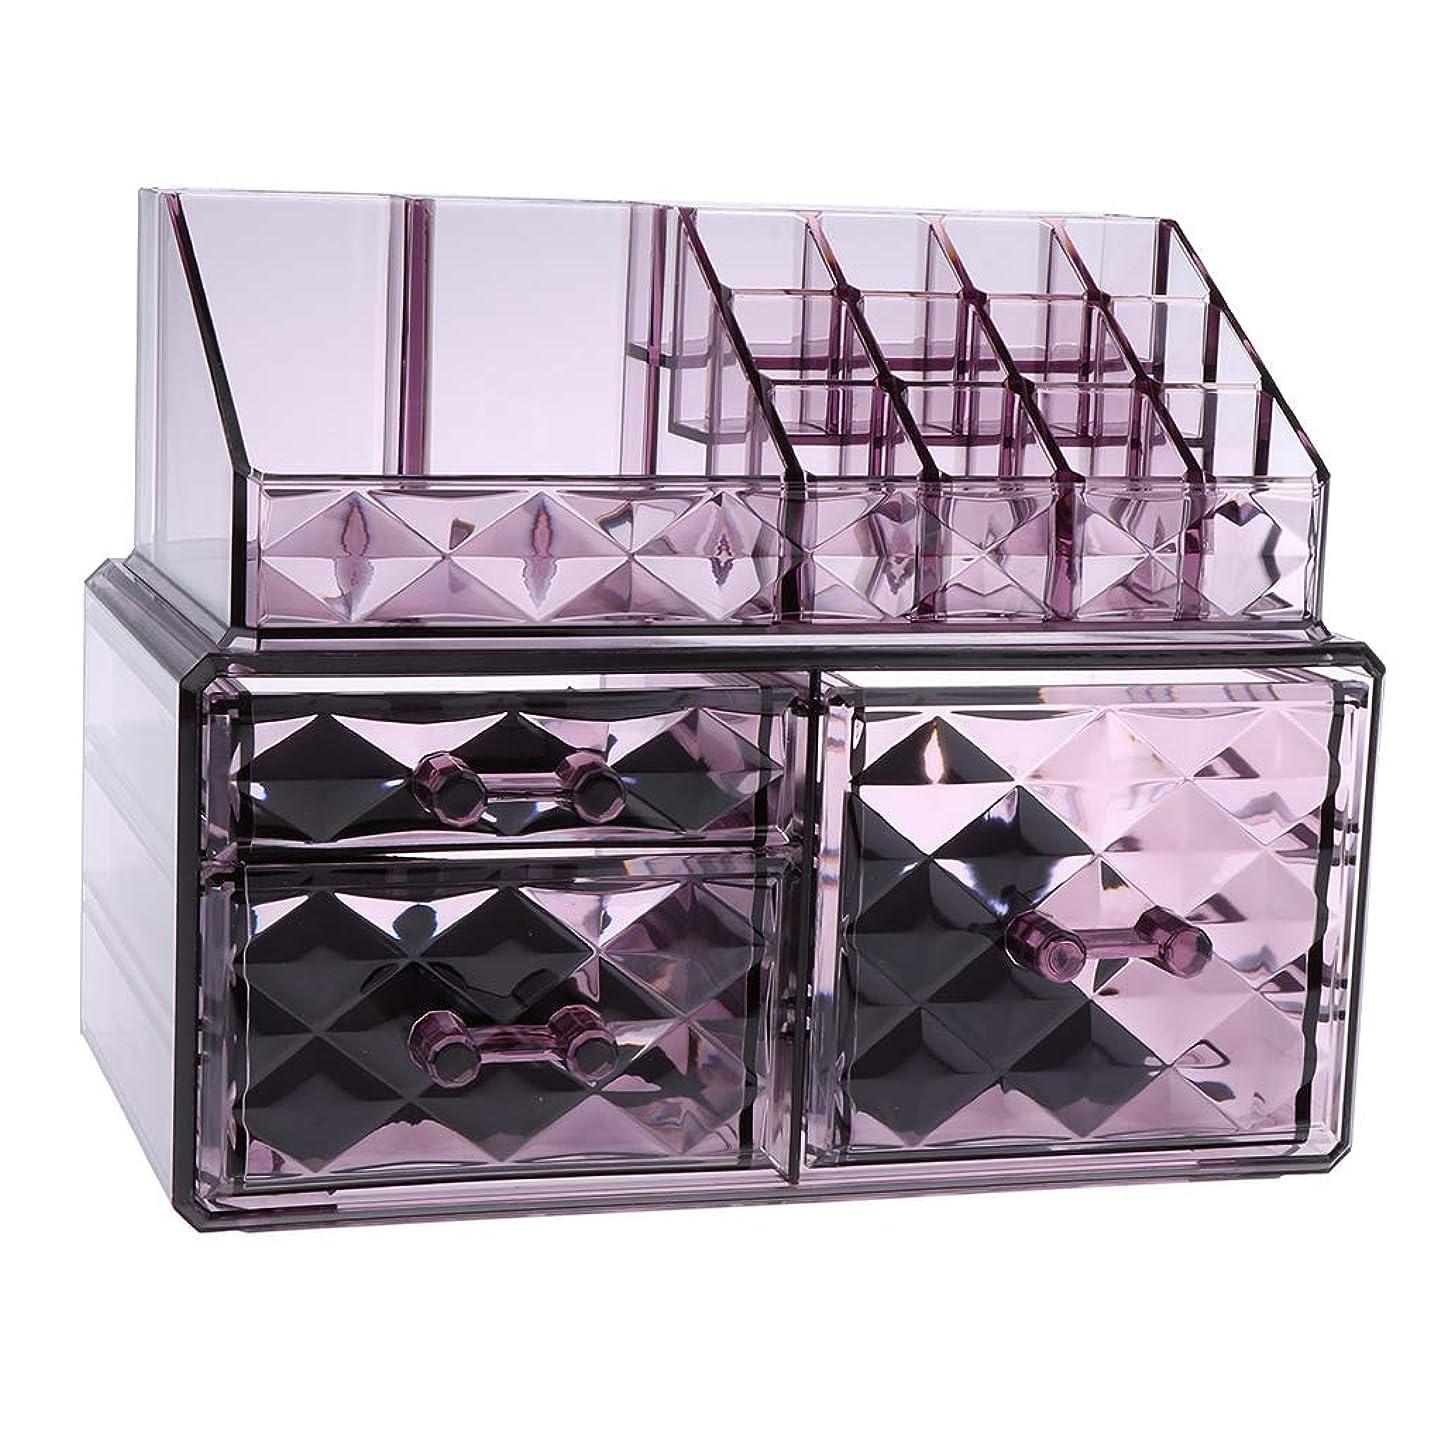 反響するラメニッケルPerfeclan 化粧オーガナイザー アクリル メイクオーガナイザー 収納キューブ 3仕様選べ - 紫2